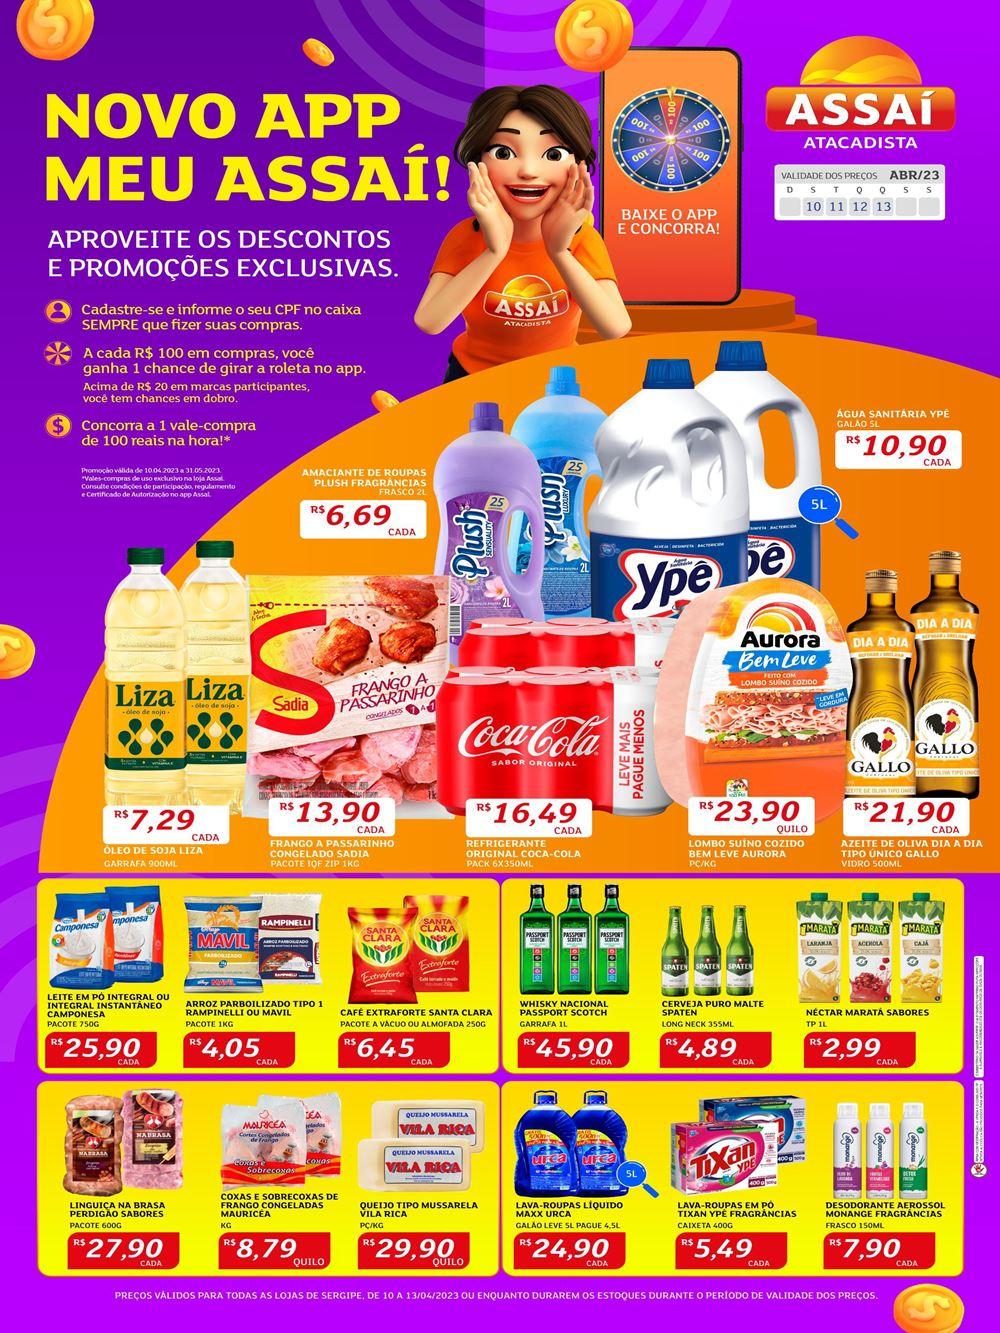 assai-ofertas-descontos-hoje41-5 Piauí